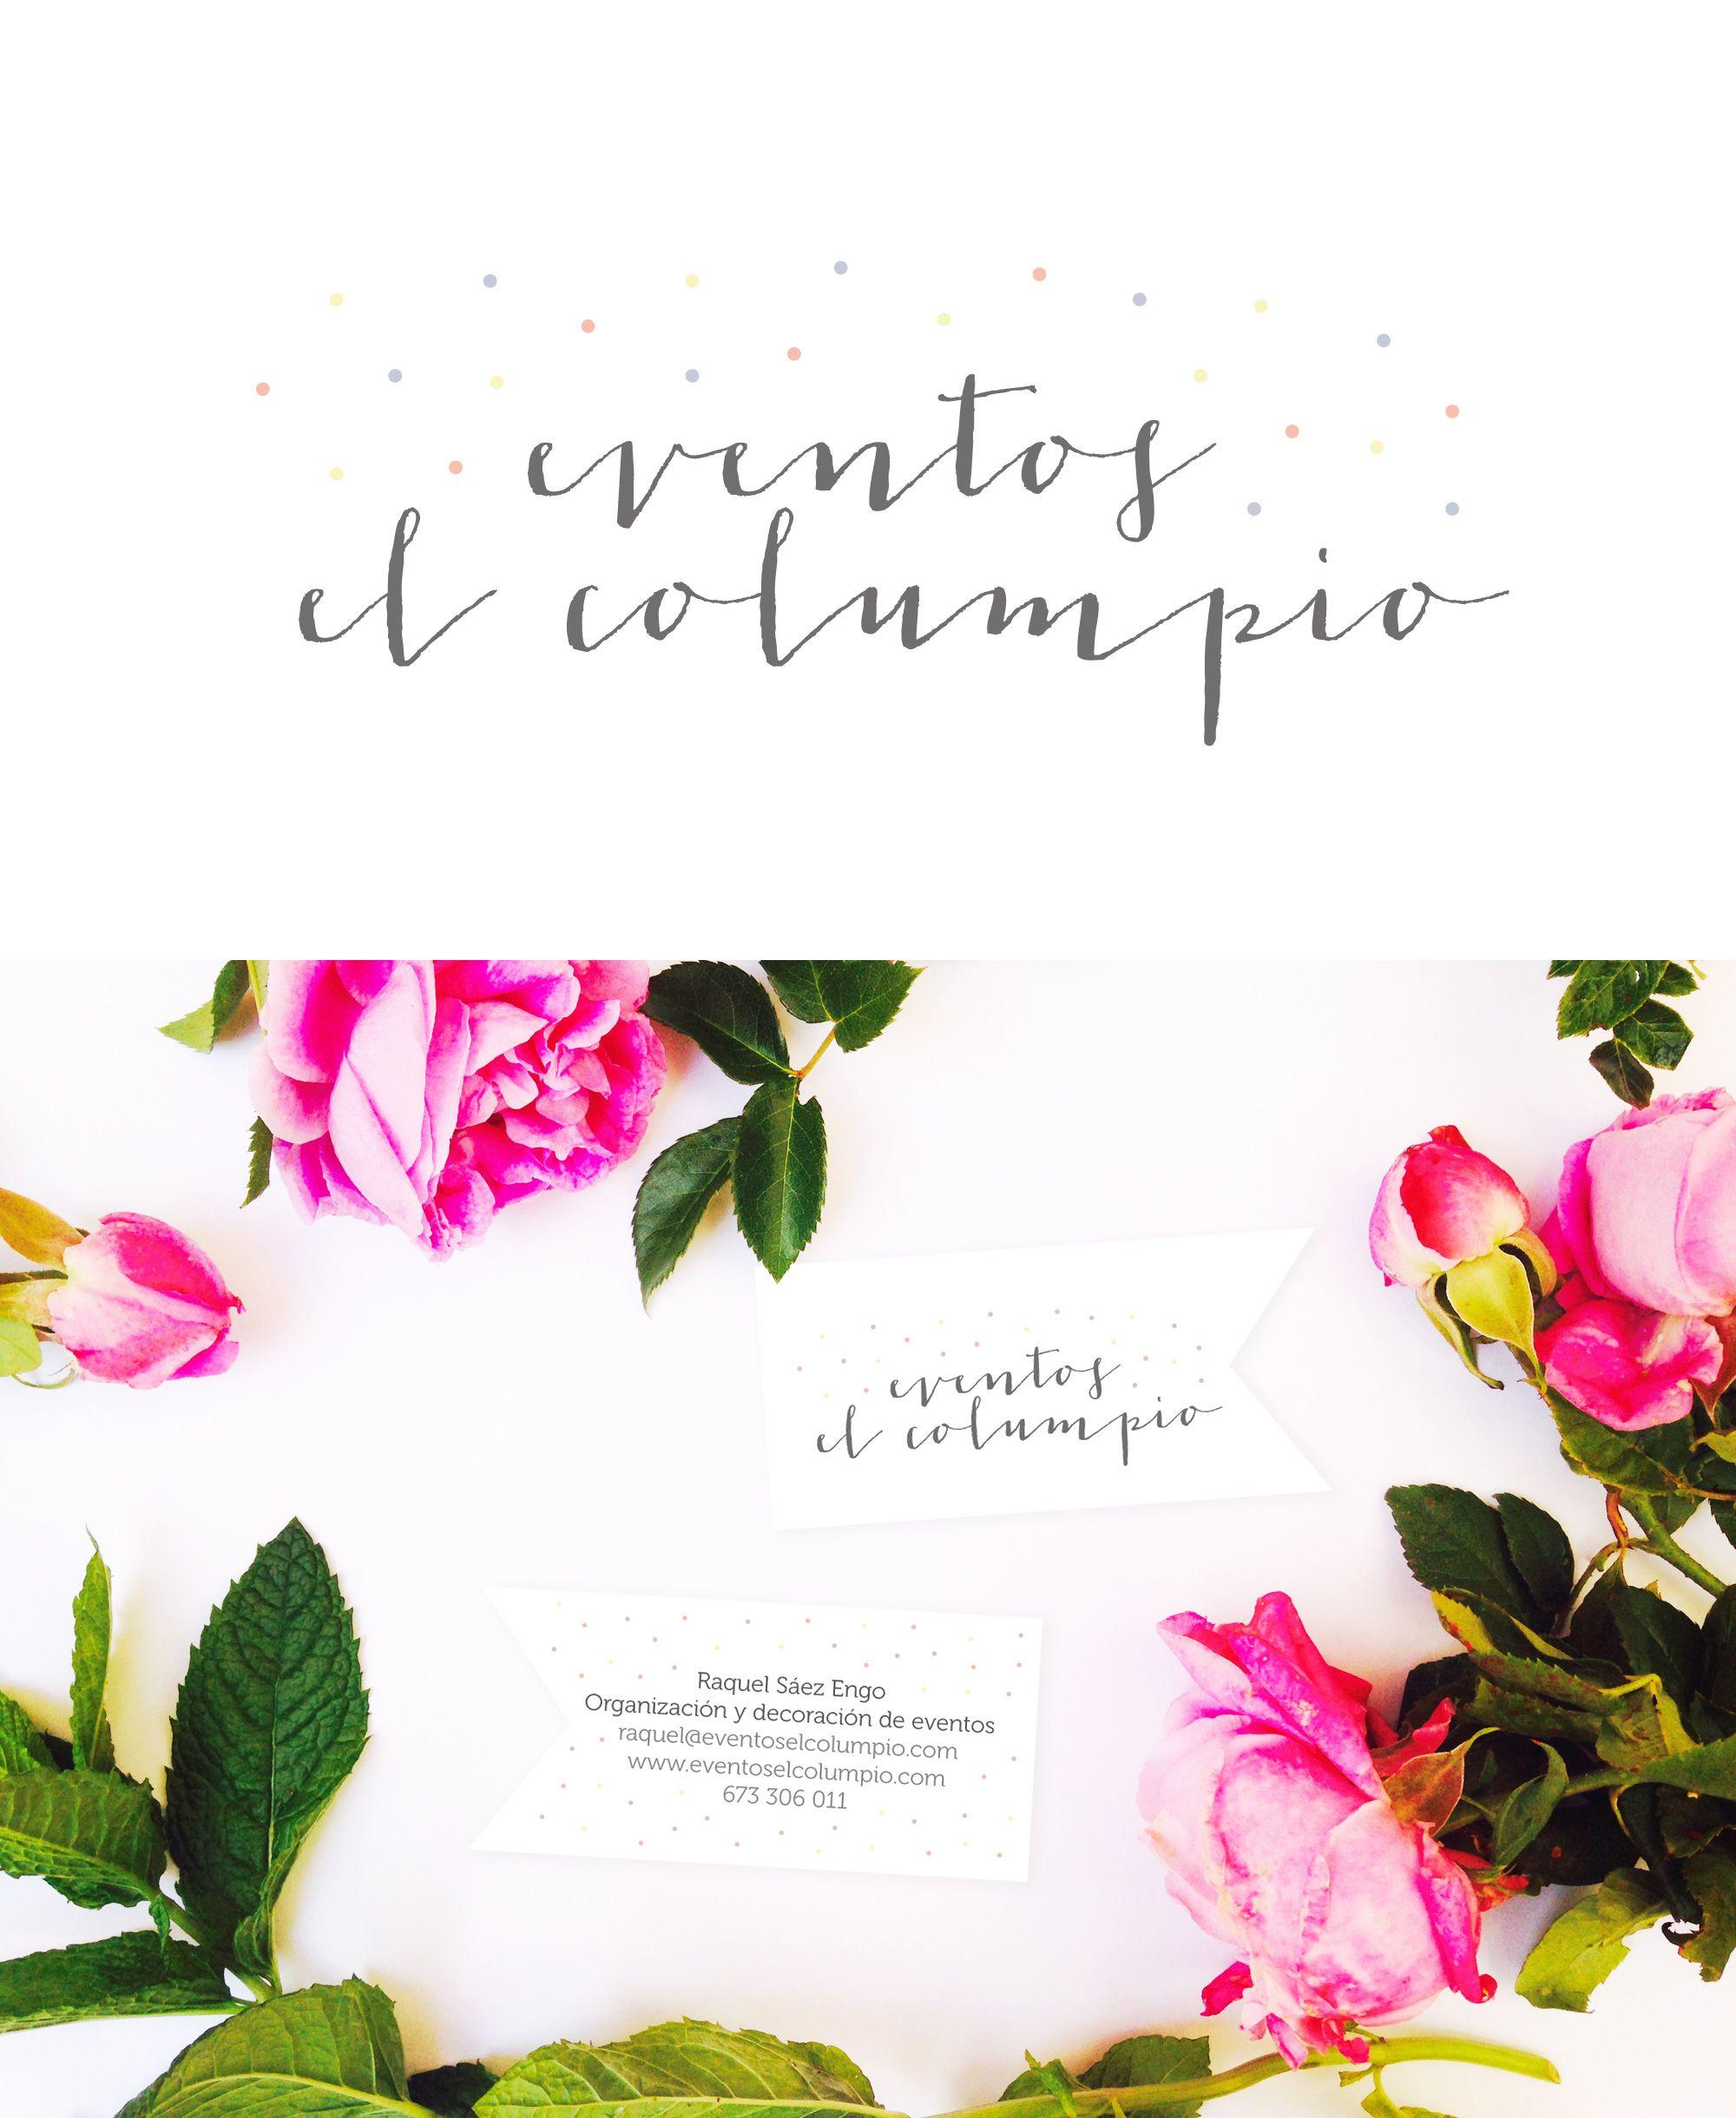 logo business card design for eventos el columpio by heartmade